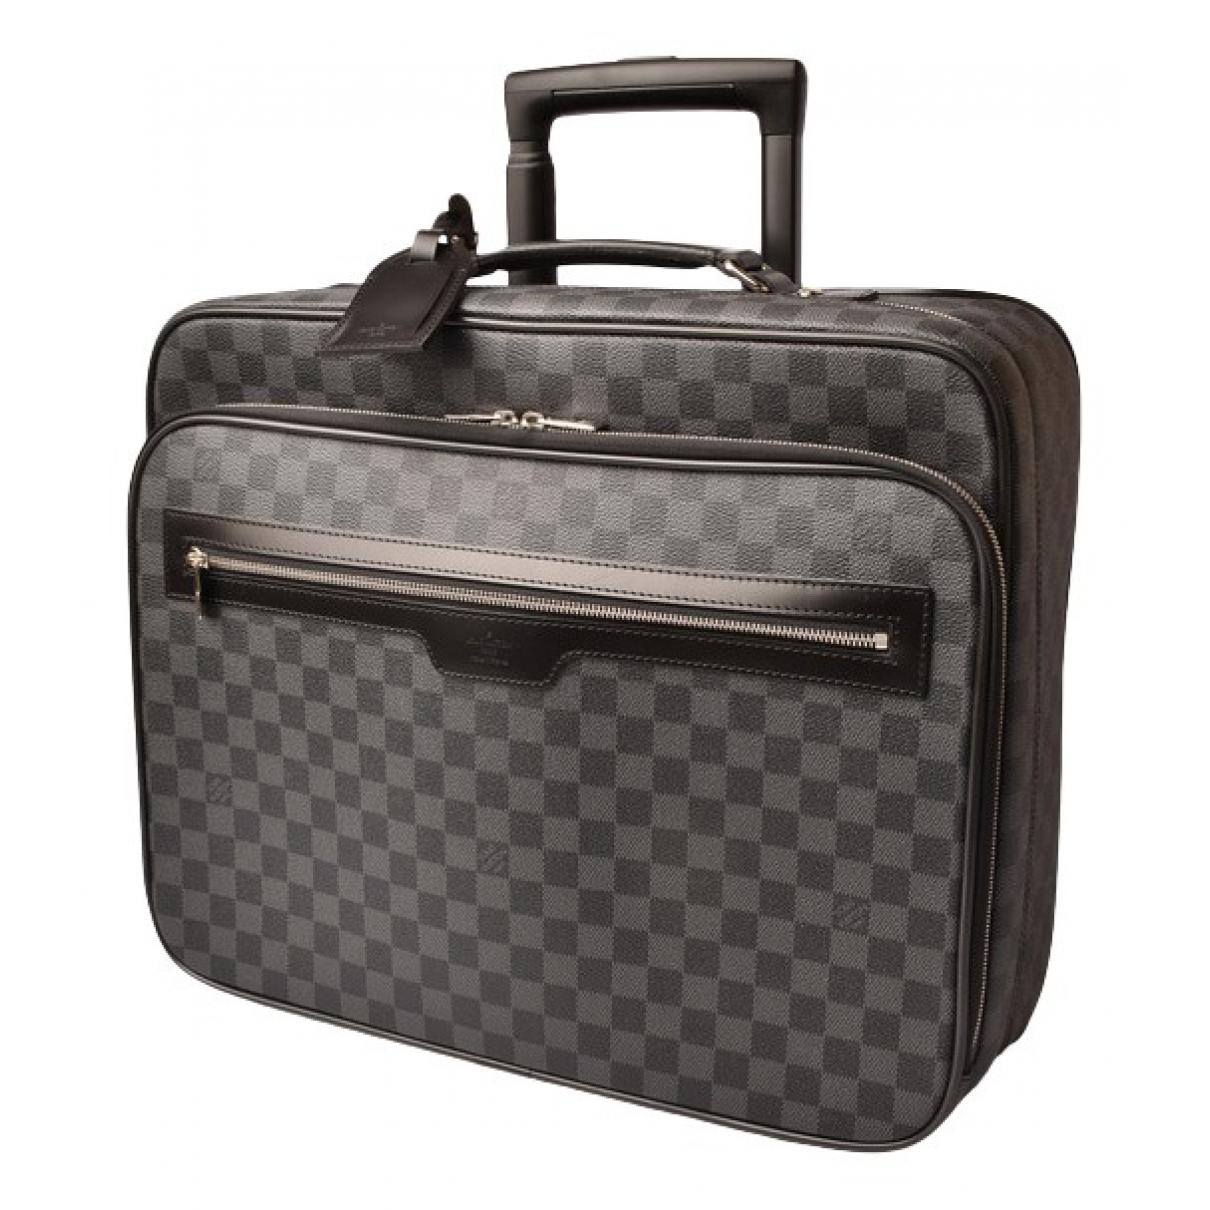 Louis Vuitton - Sac de voyage   pour femme en toile - anthracite